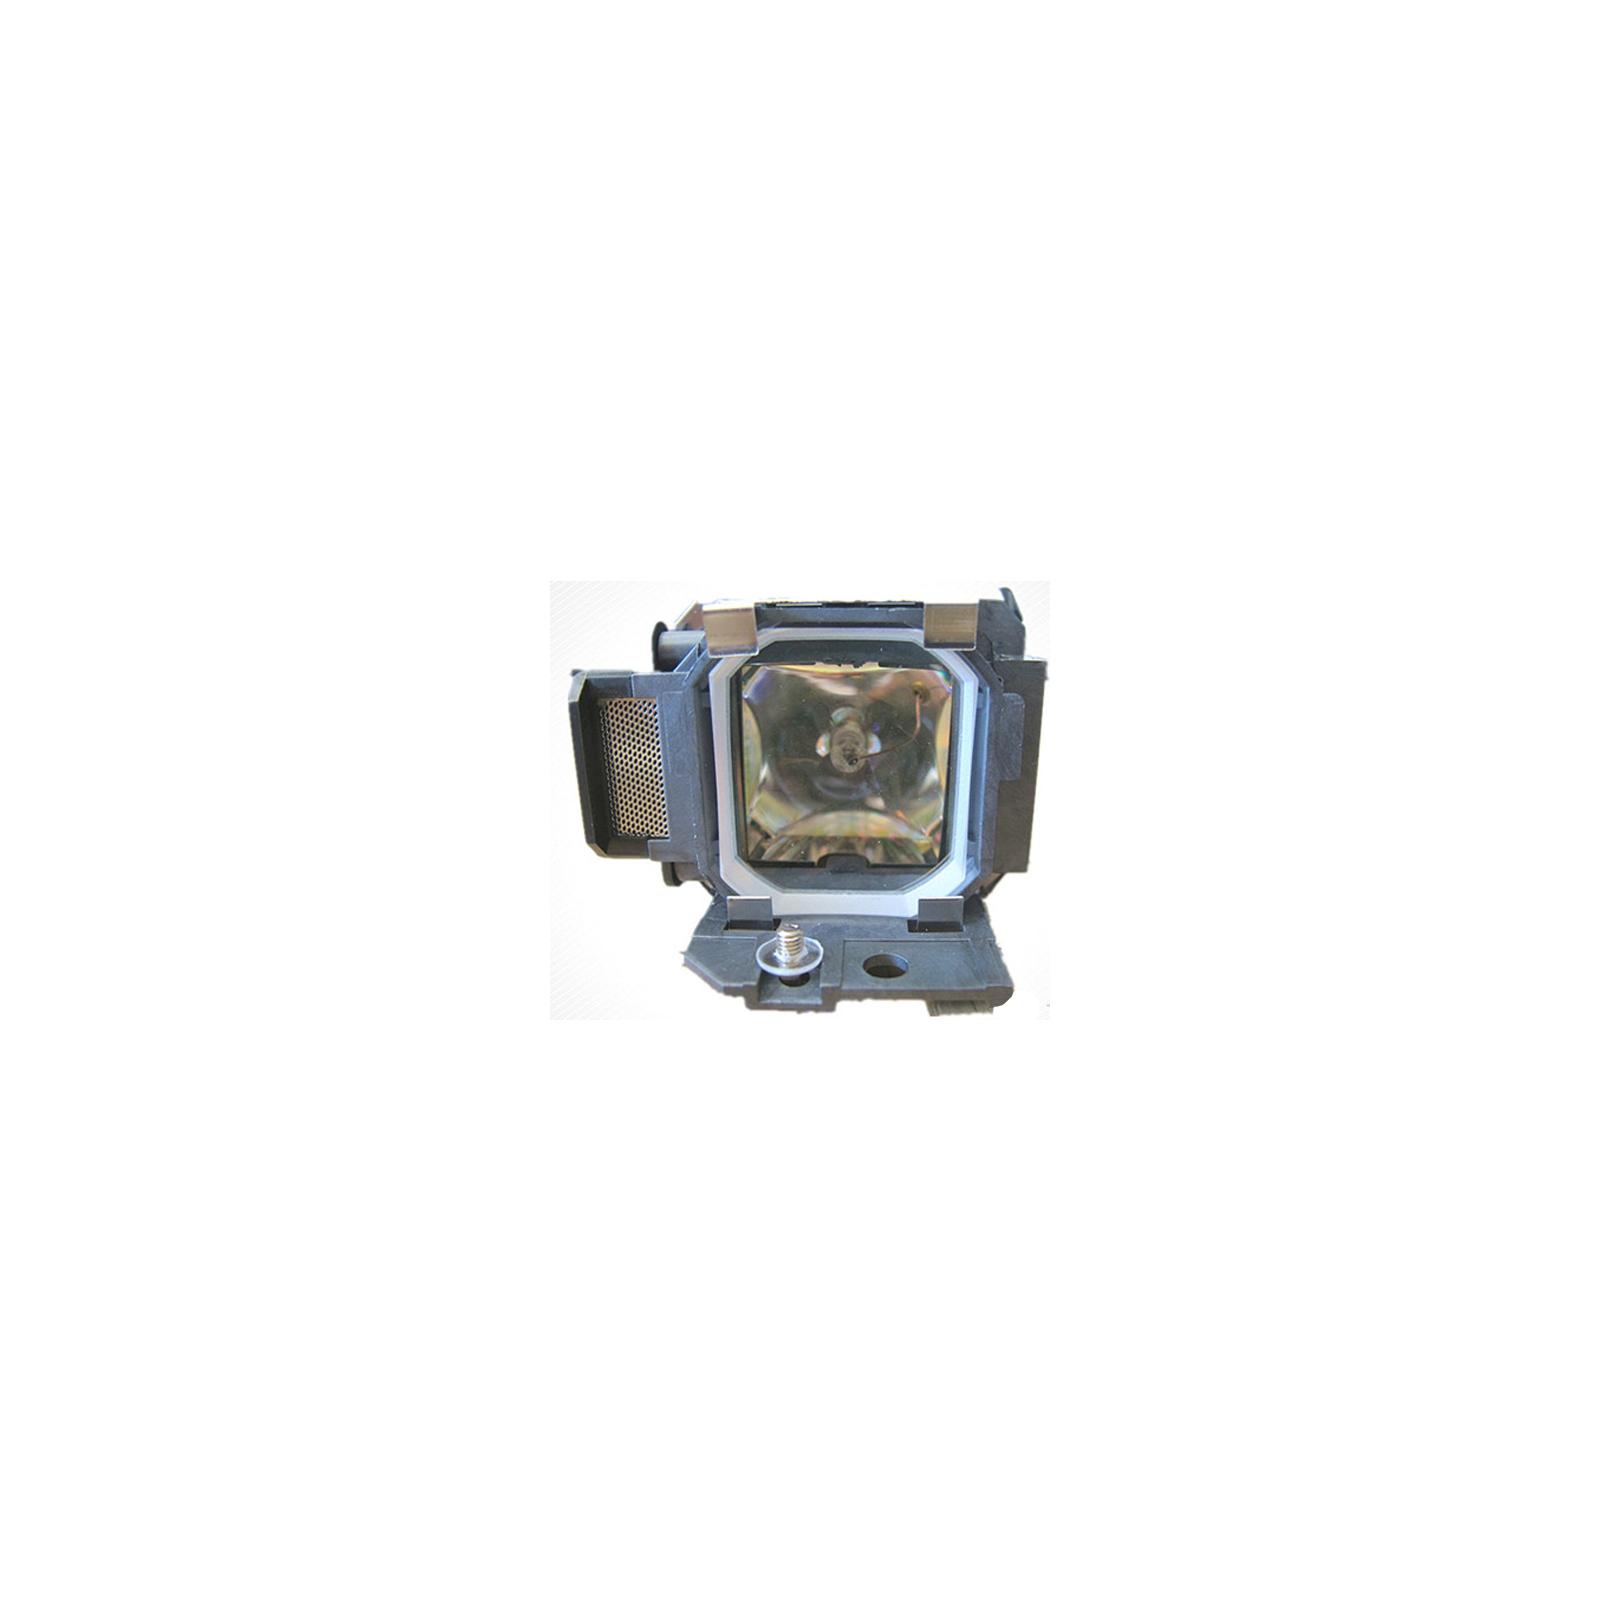 Лампа проектора SONY LMP-C162 (LMPC162) изображение 3